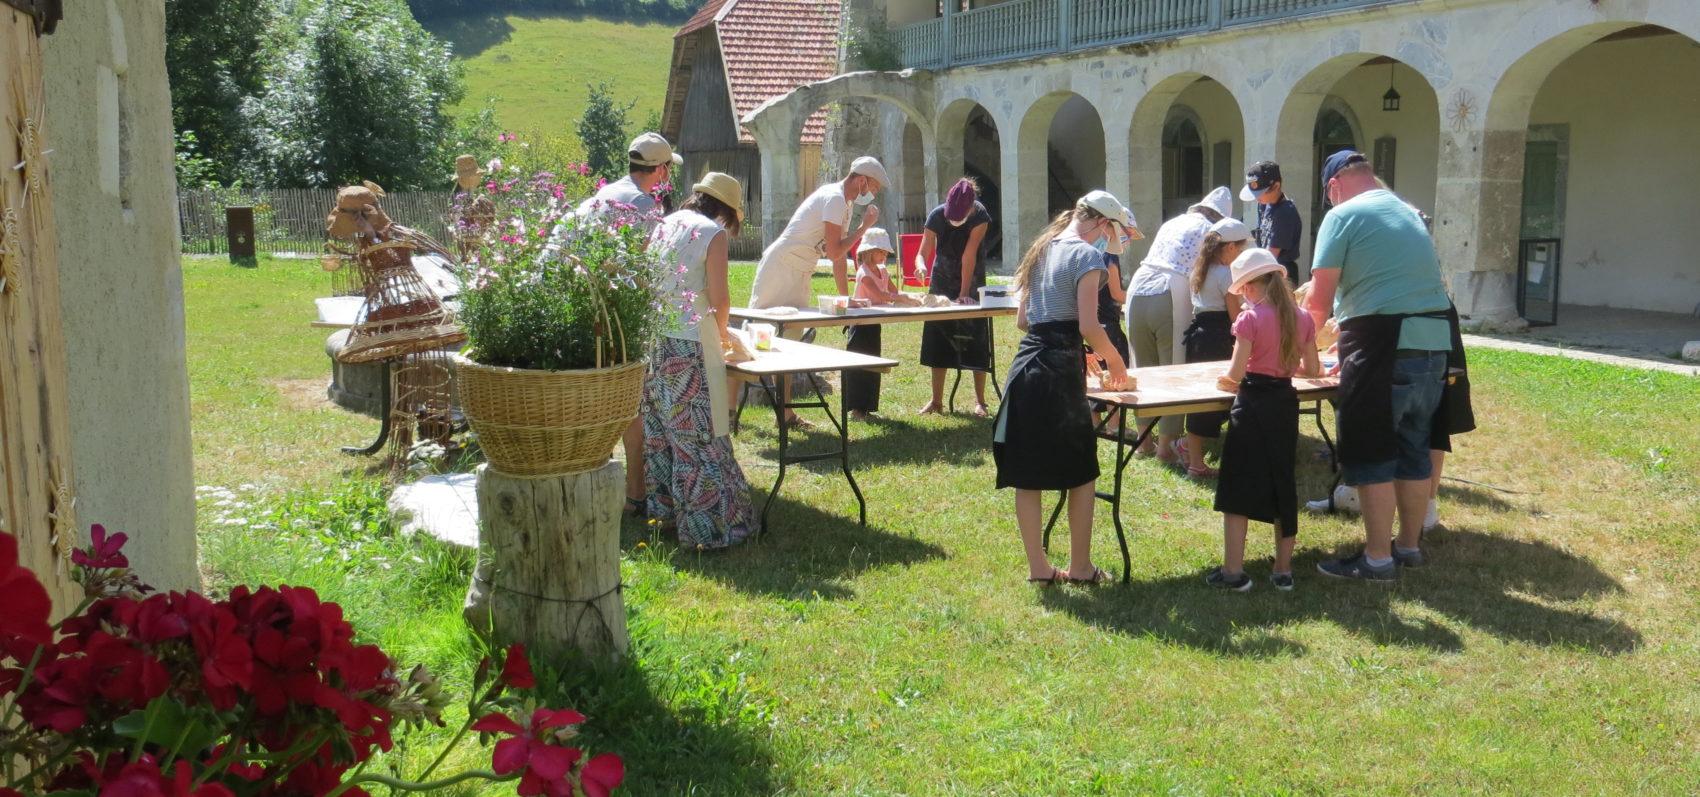 Atelier de fabrication de pain au four de la Chartreuse d'Aillon